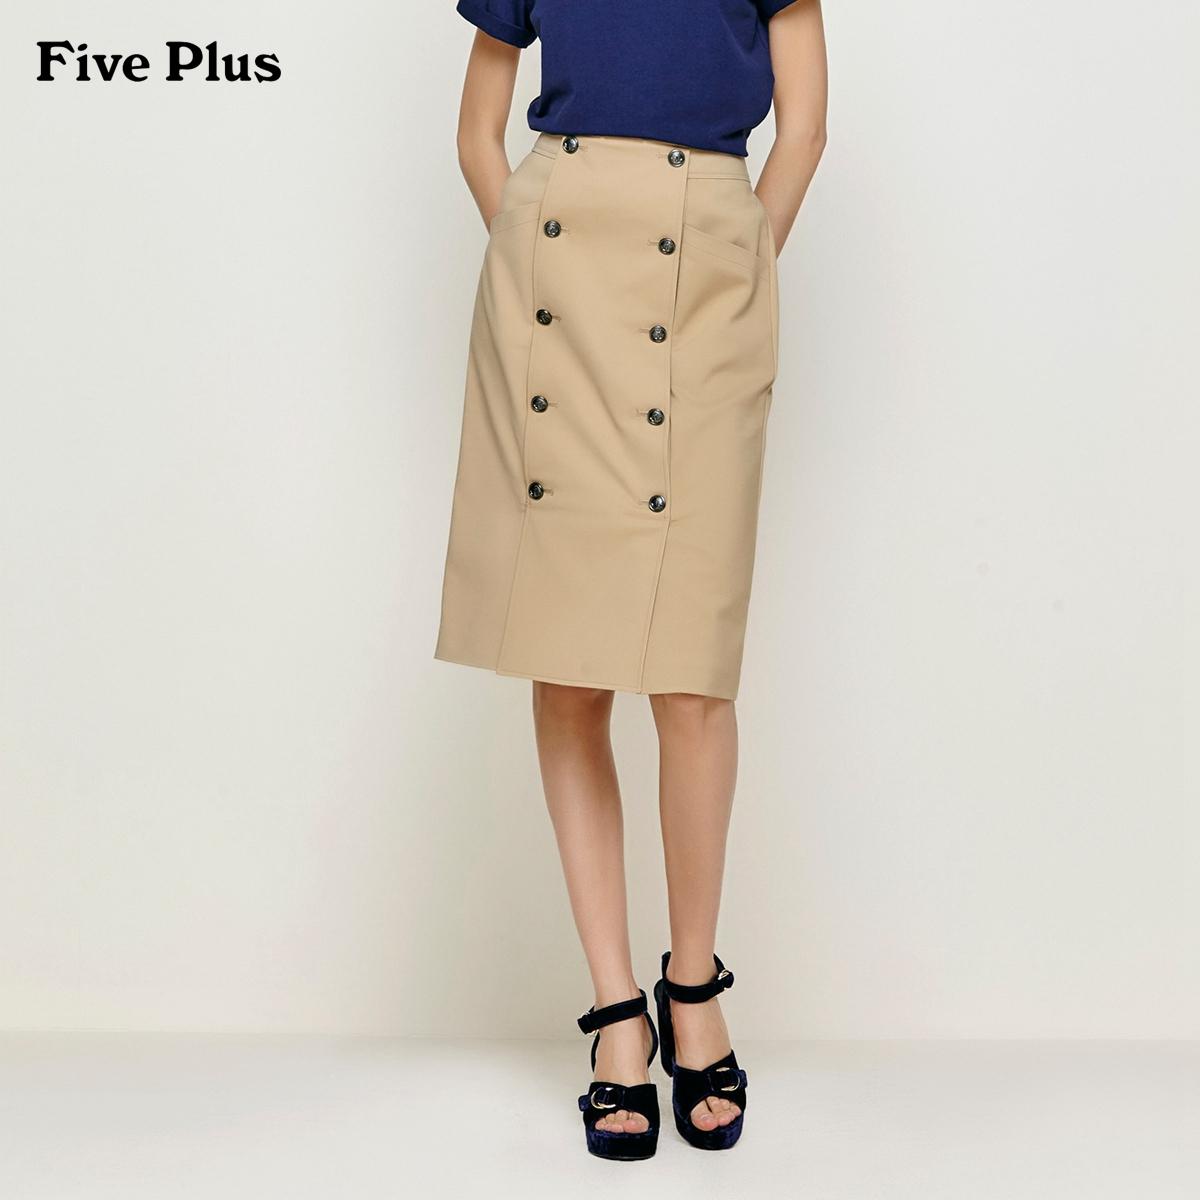 Five Plus新女夏装棉质双排扣开叉高腰半身直筒裙中裙2JM2072280